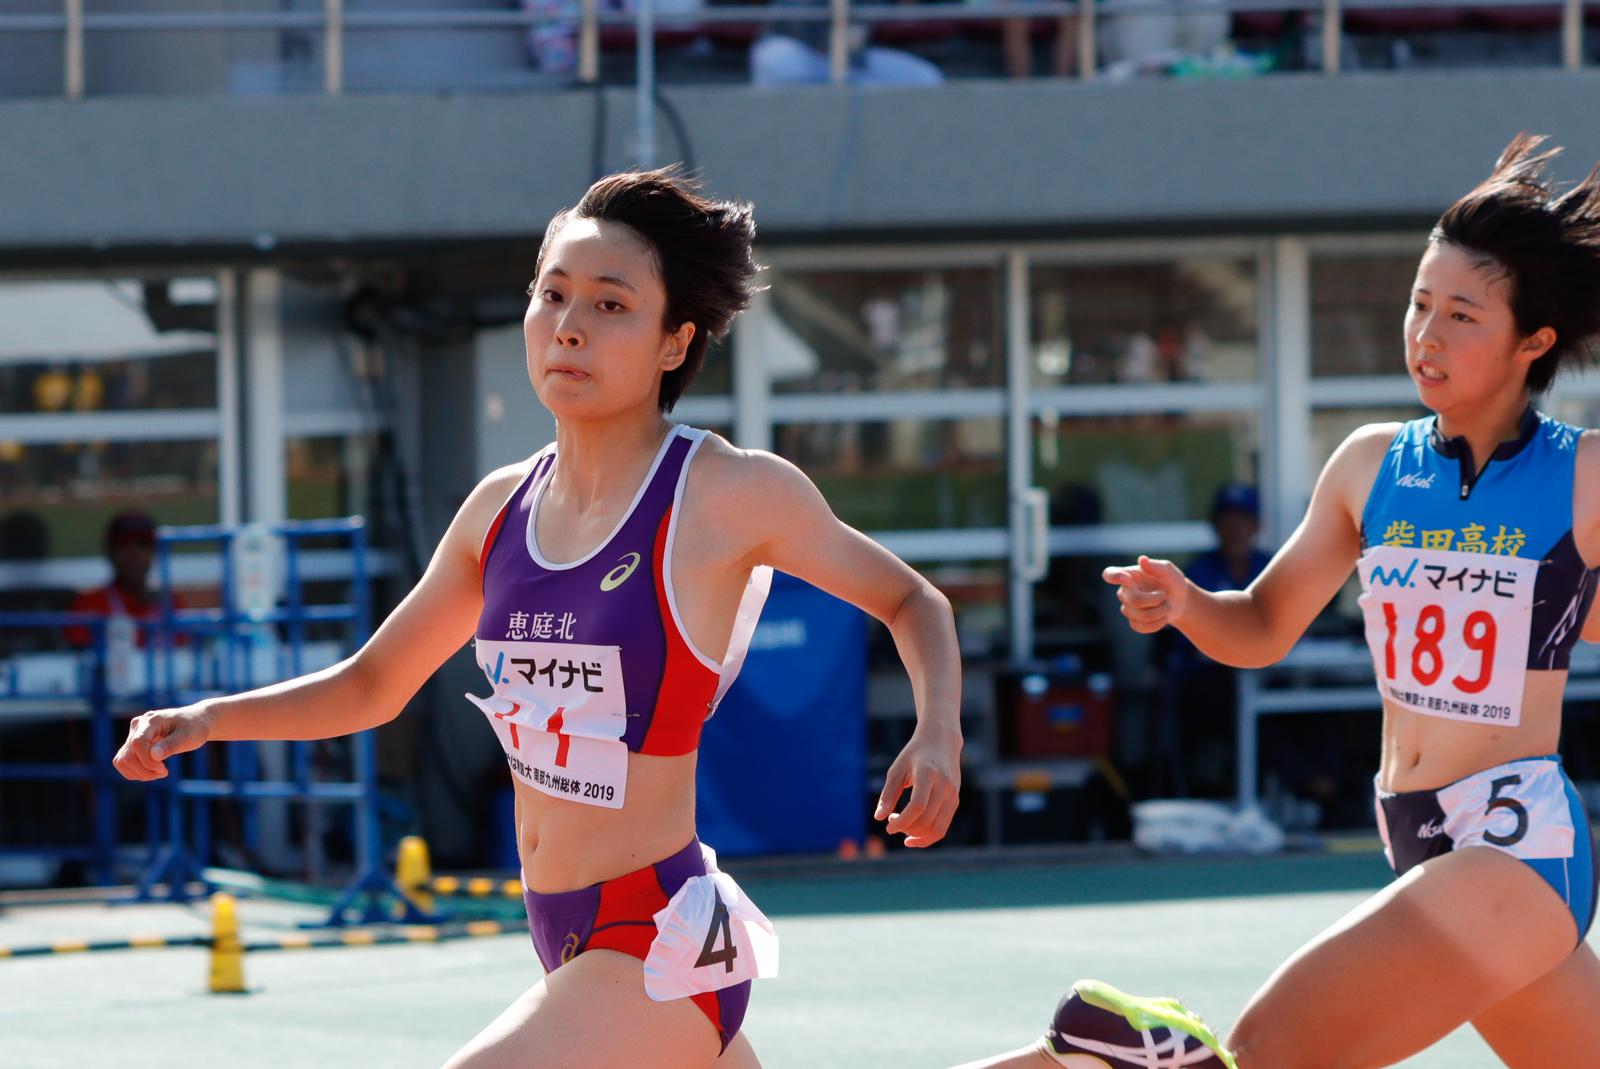 女子100メートルで連覇を達成した御家瀬(左)【写真:奥井隆史】